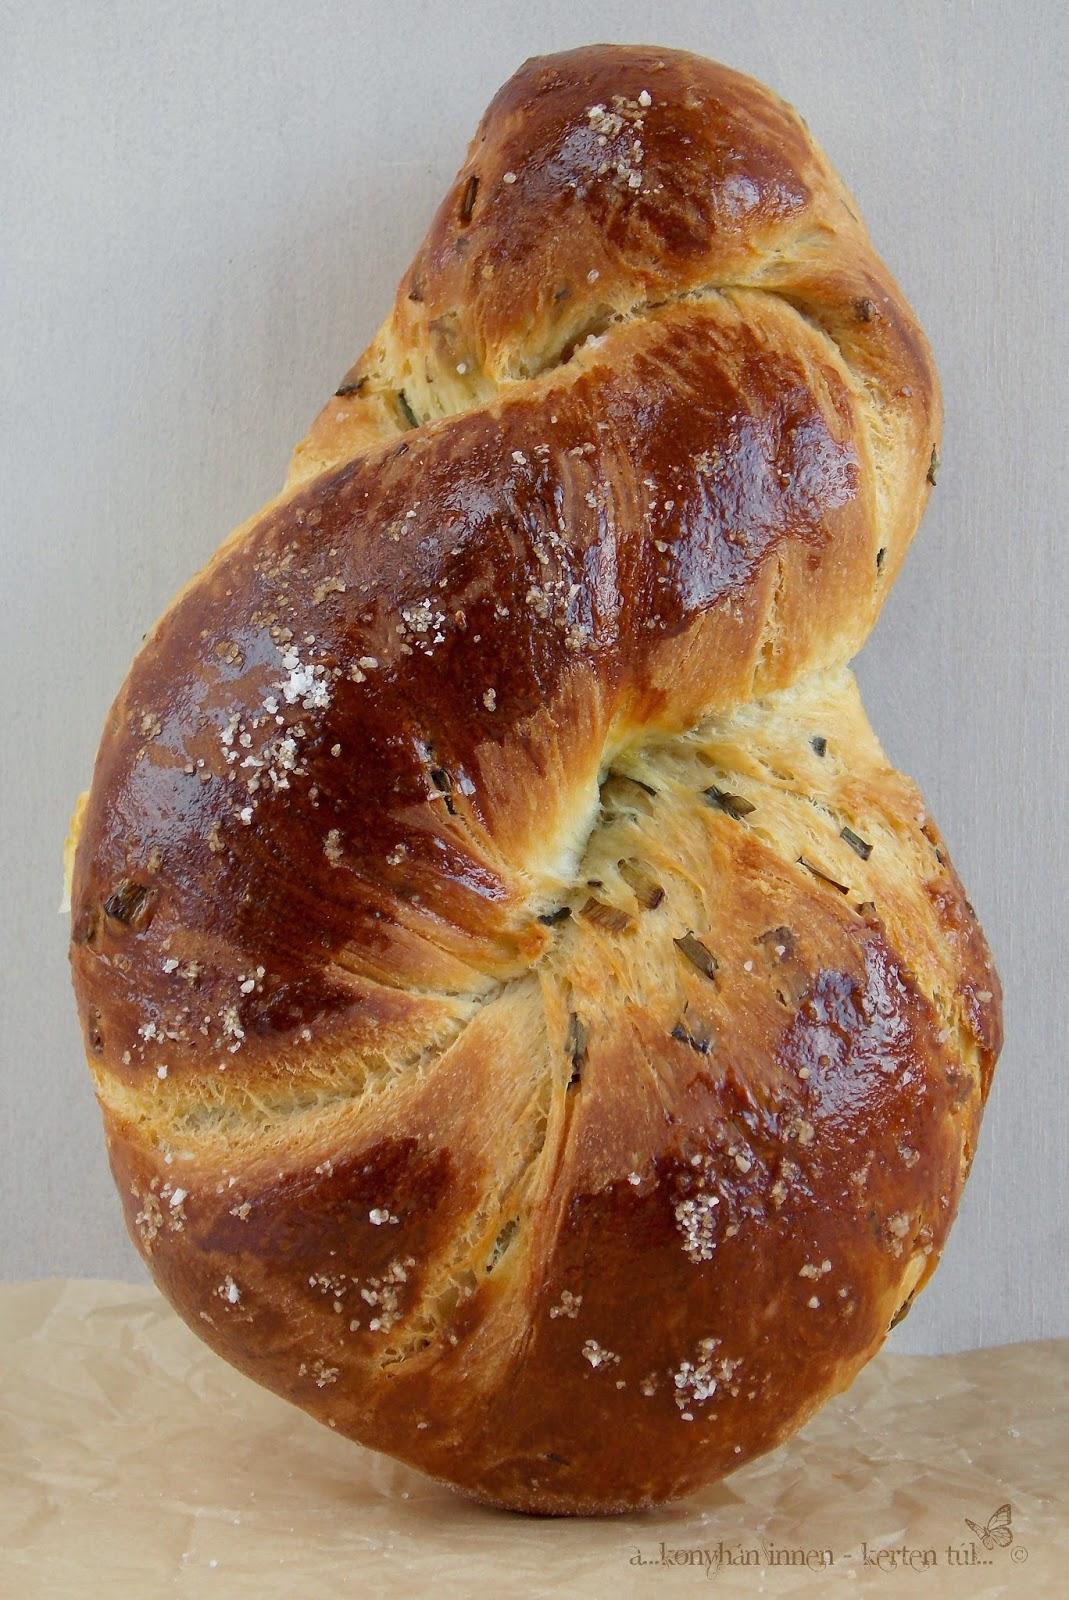 Hagymás csavart kenyér